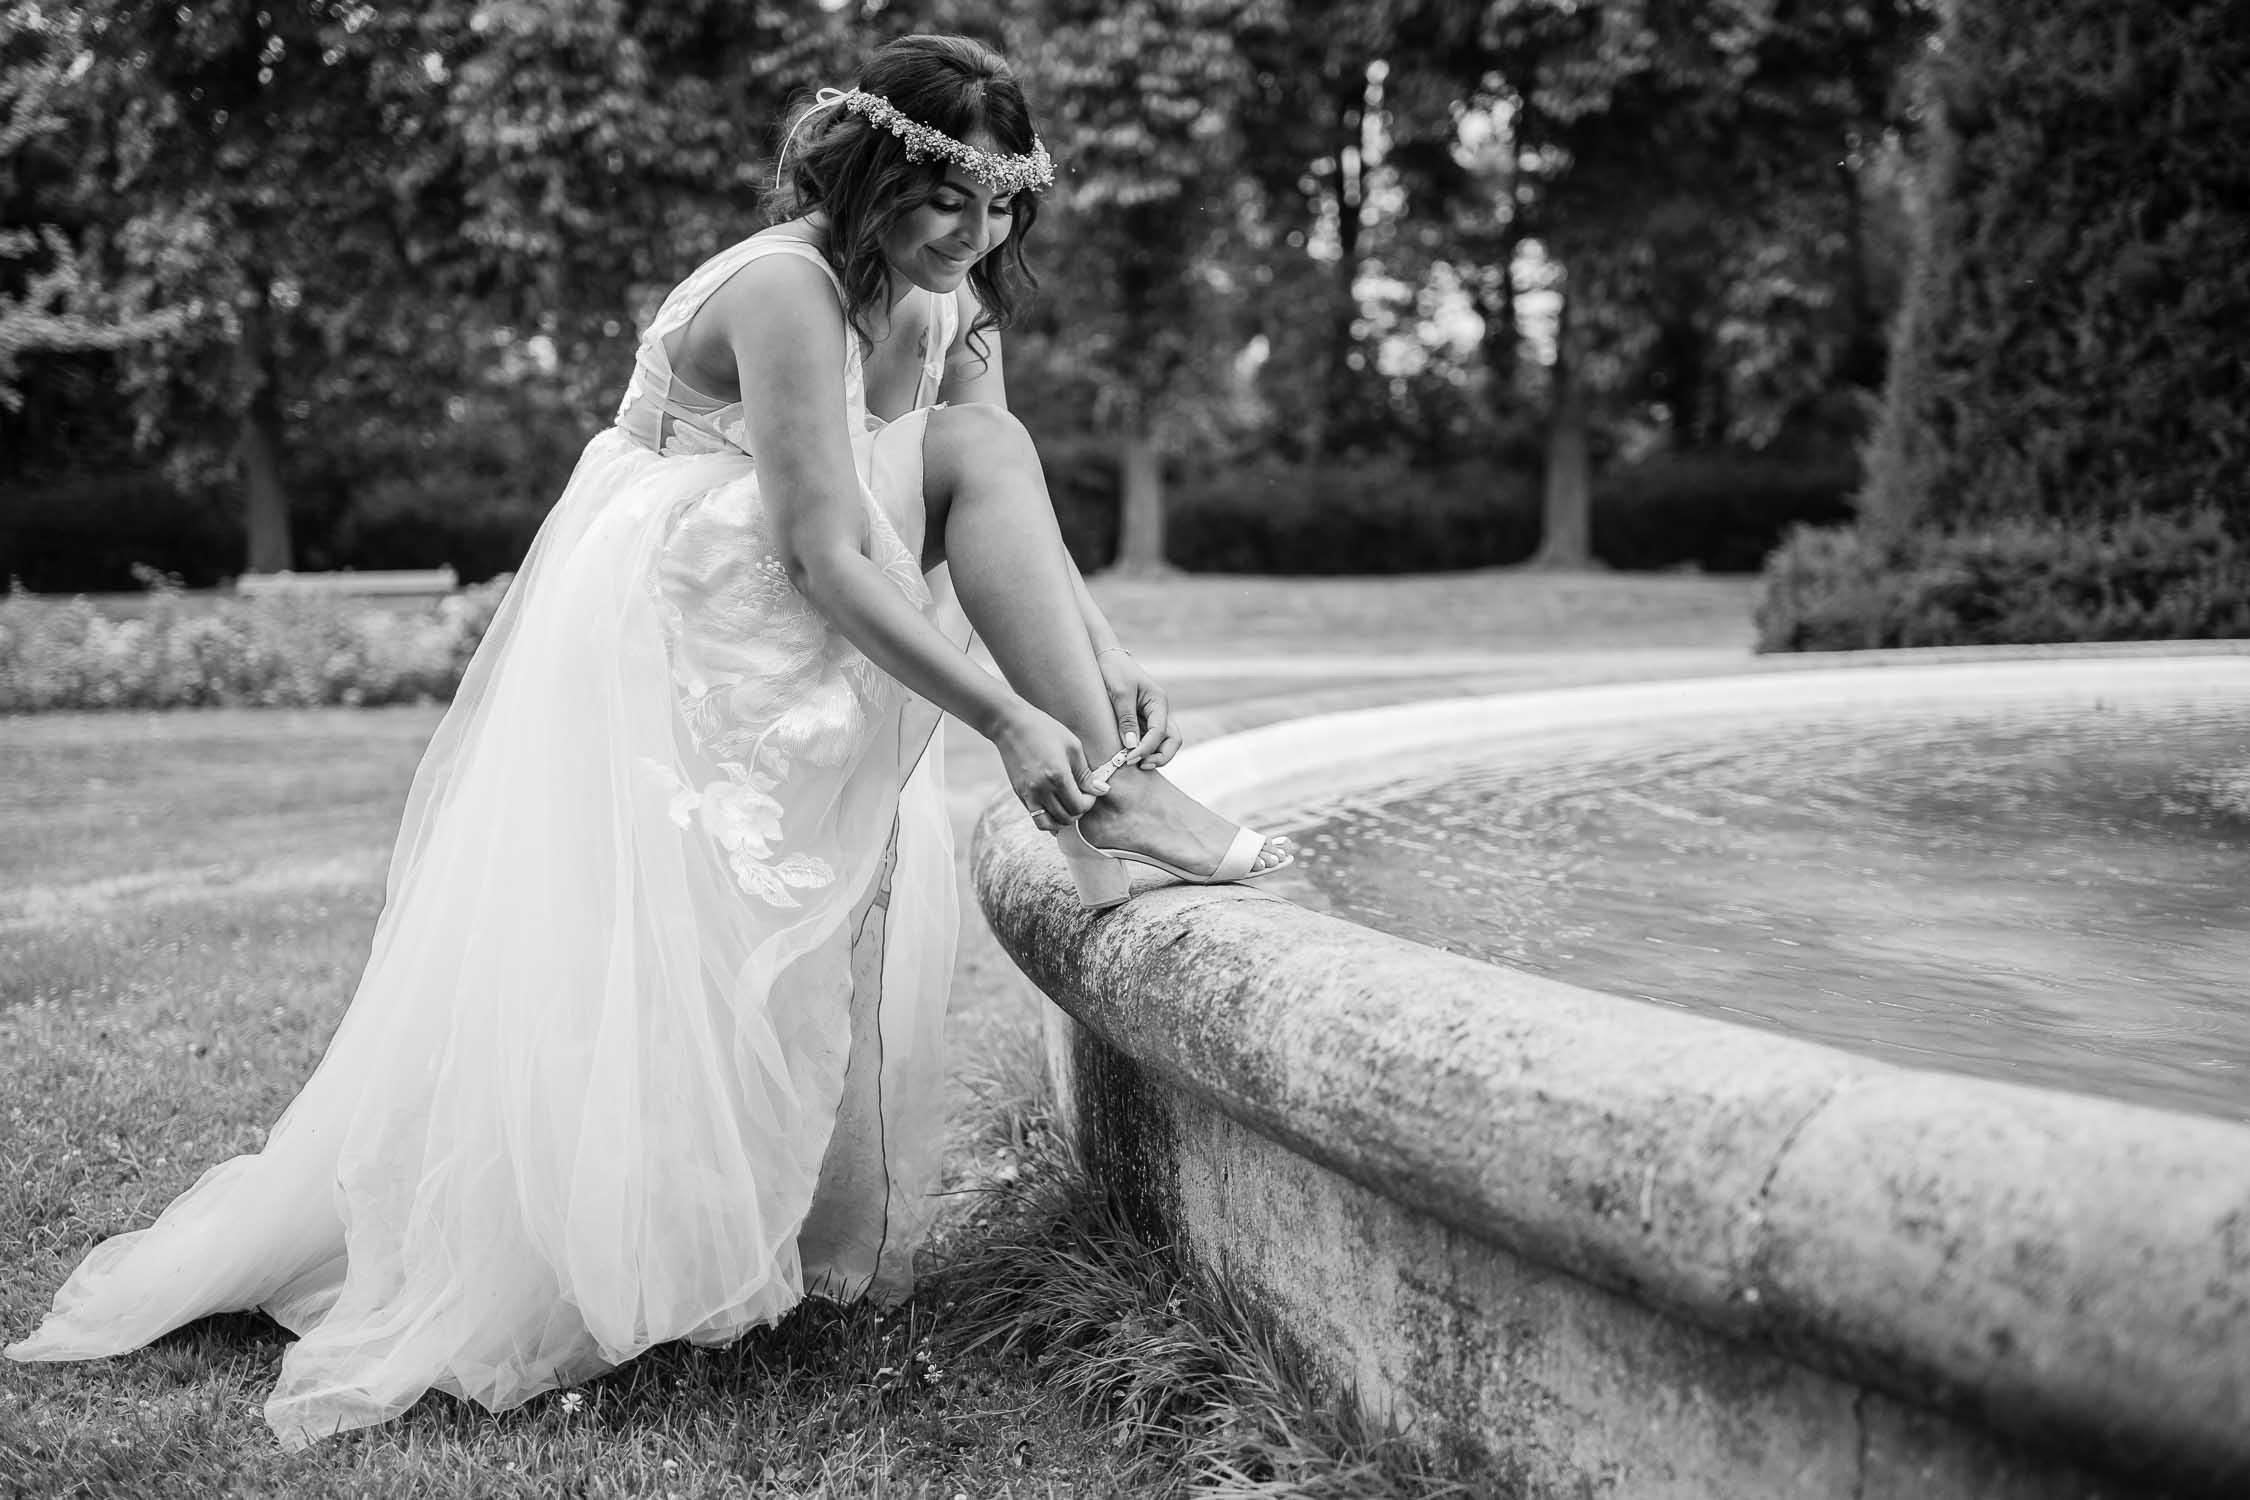 Authentische Hochzeitsfotografie Hochzeitsfotograf Koeln Andre Bastos Fotoggrafie 38 min – gesehen bei frauimmer-herrewig.de